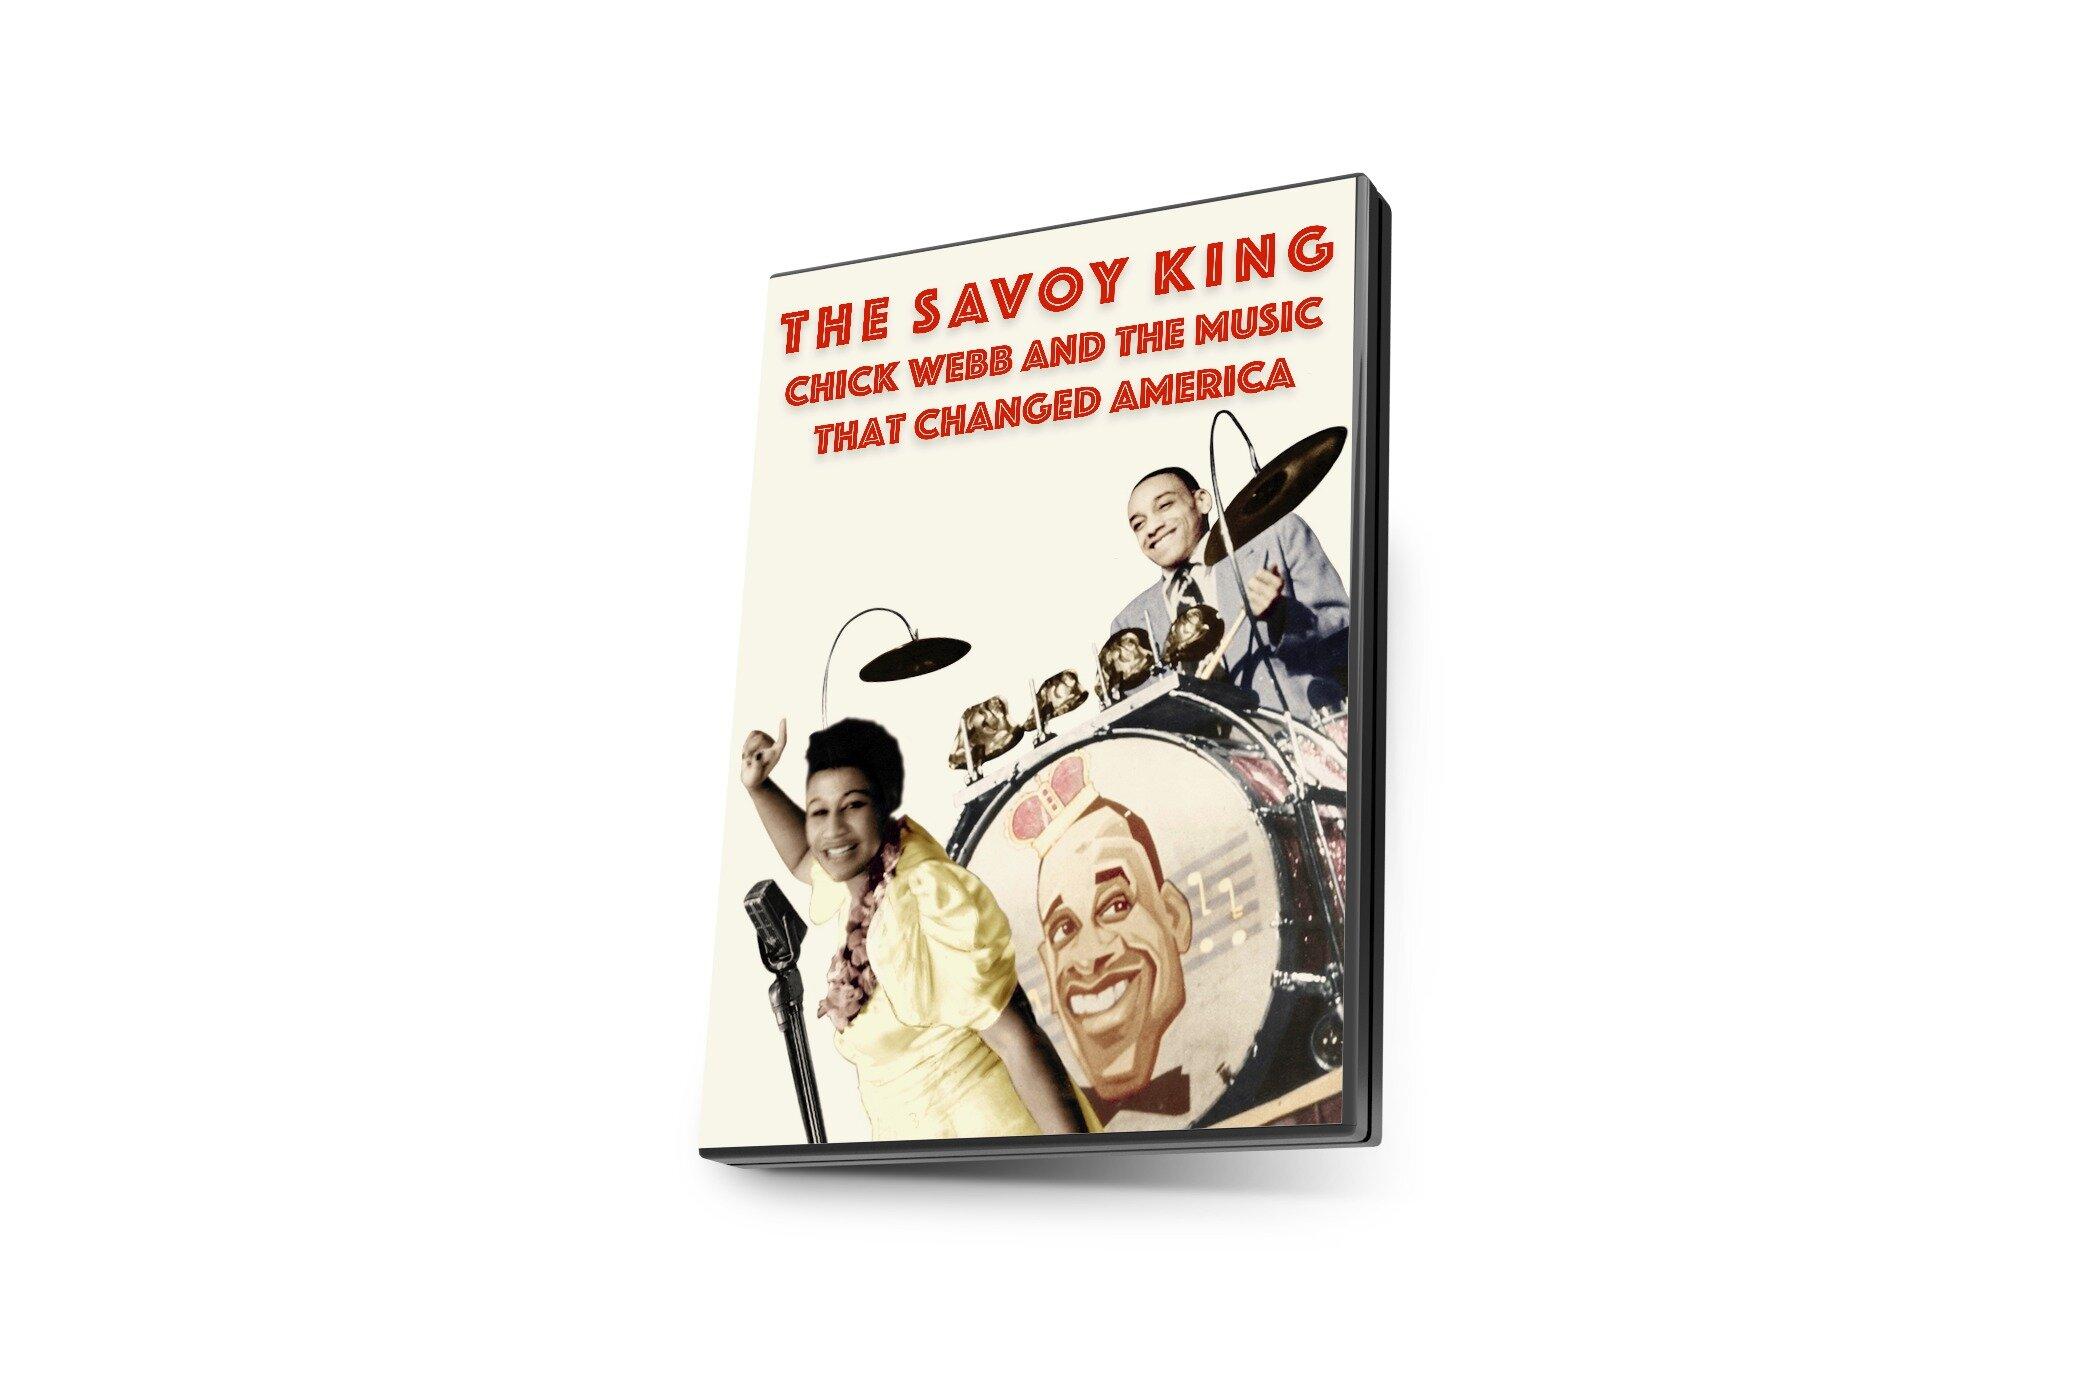 savoy king DVD.jpeg